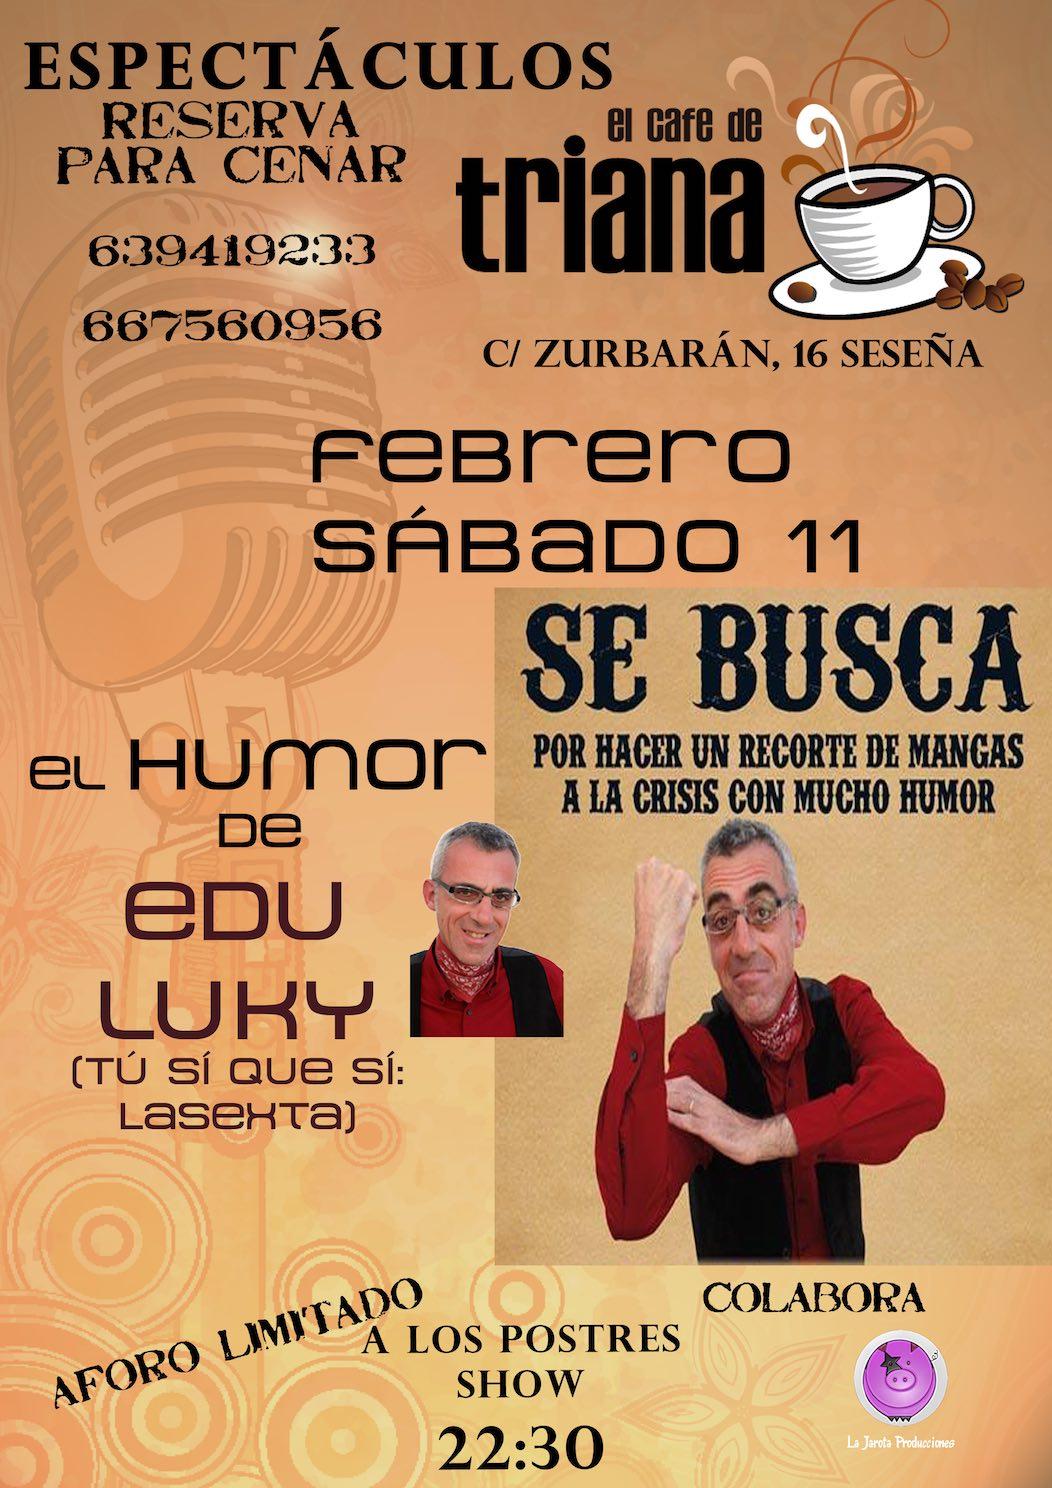 Edu Luky en El Café de Triana